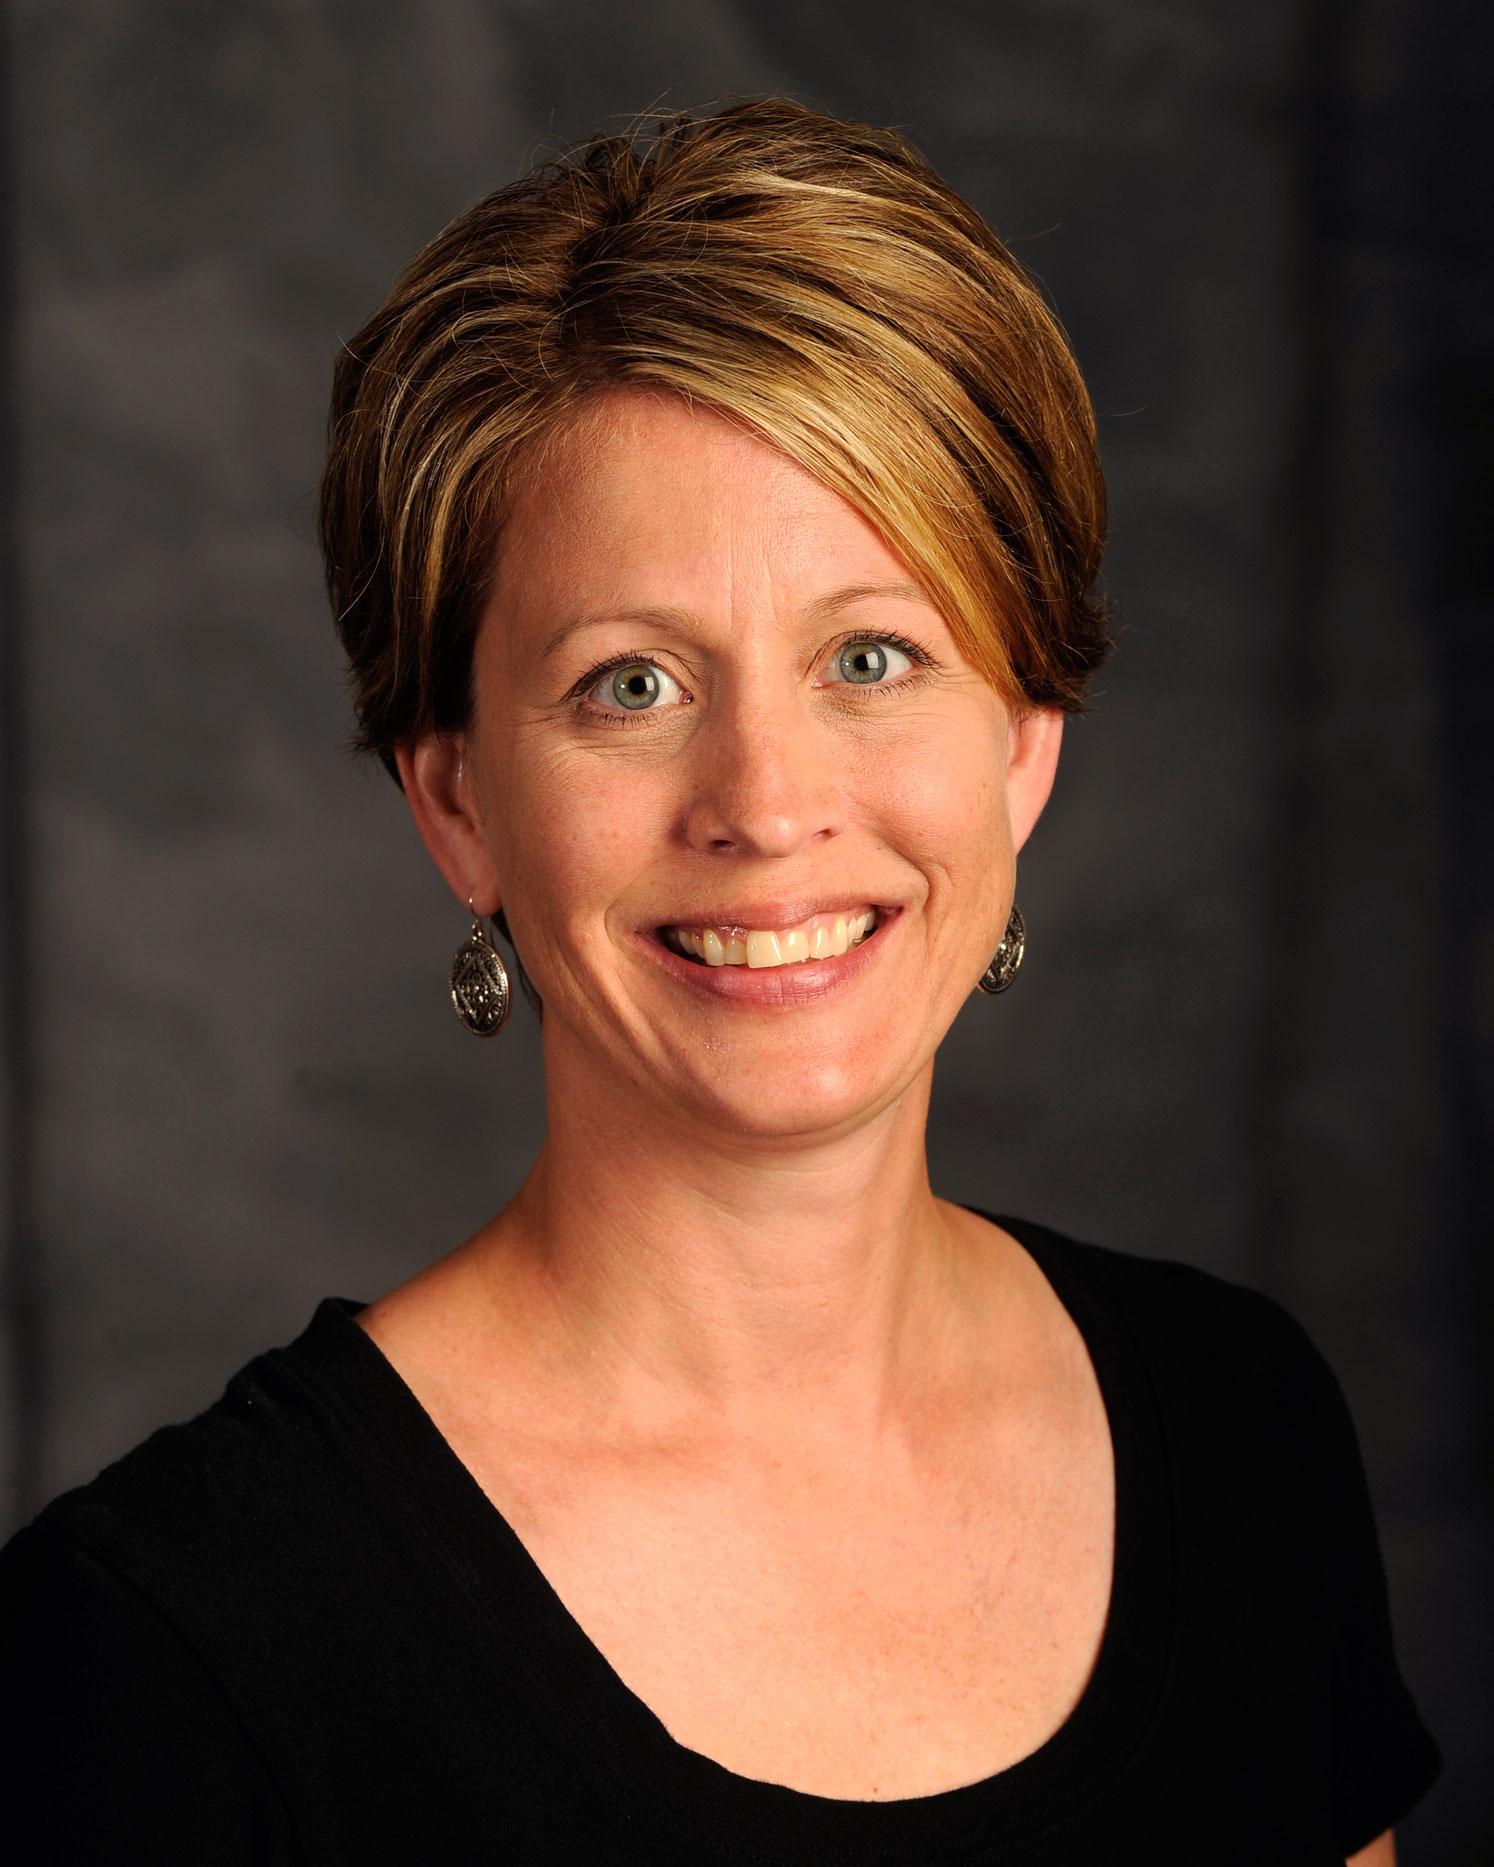 Sarah Birthman